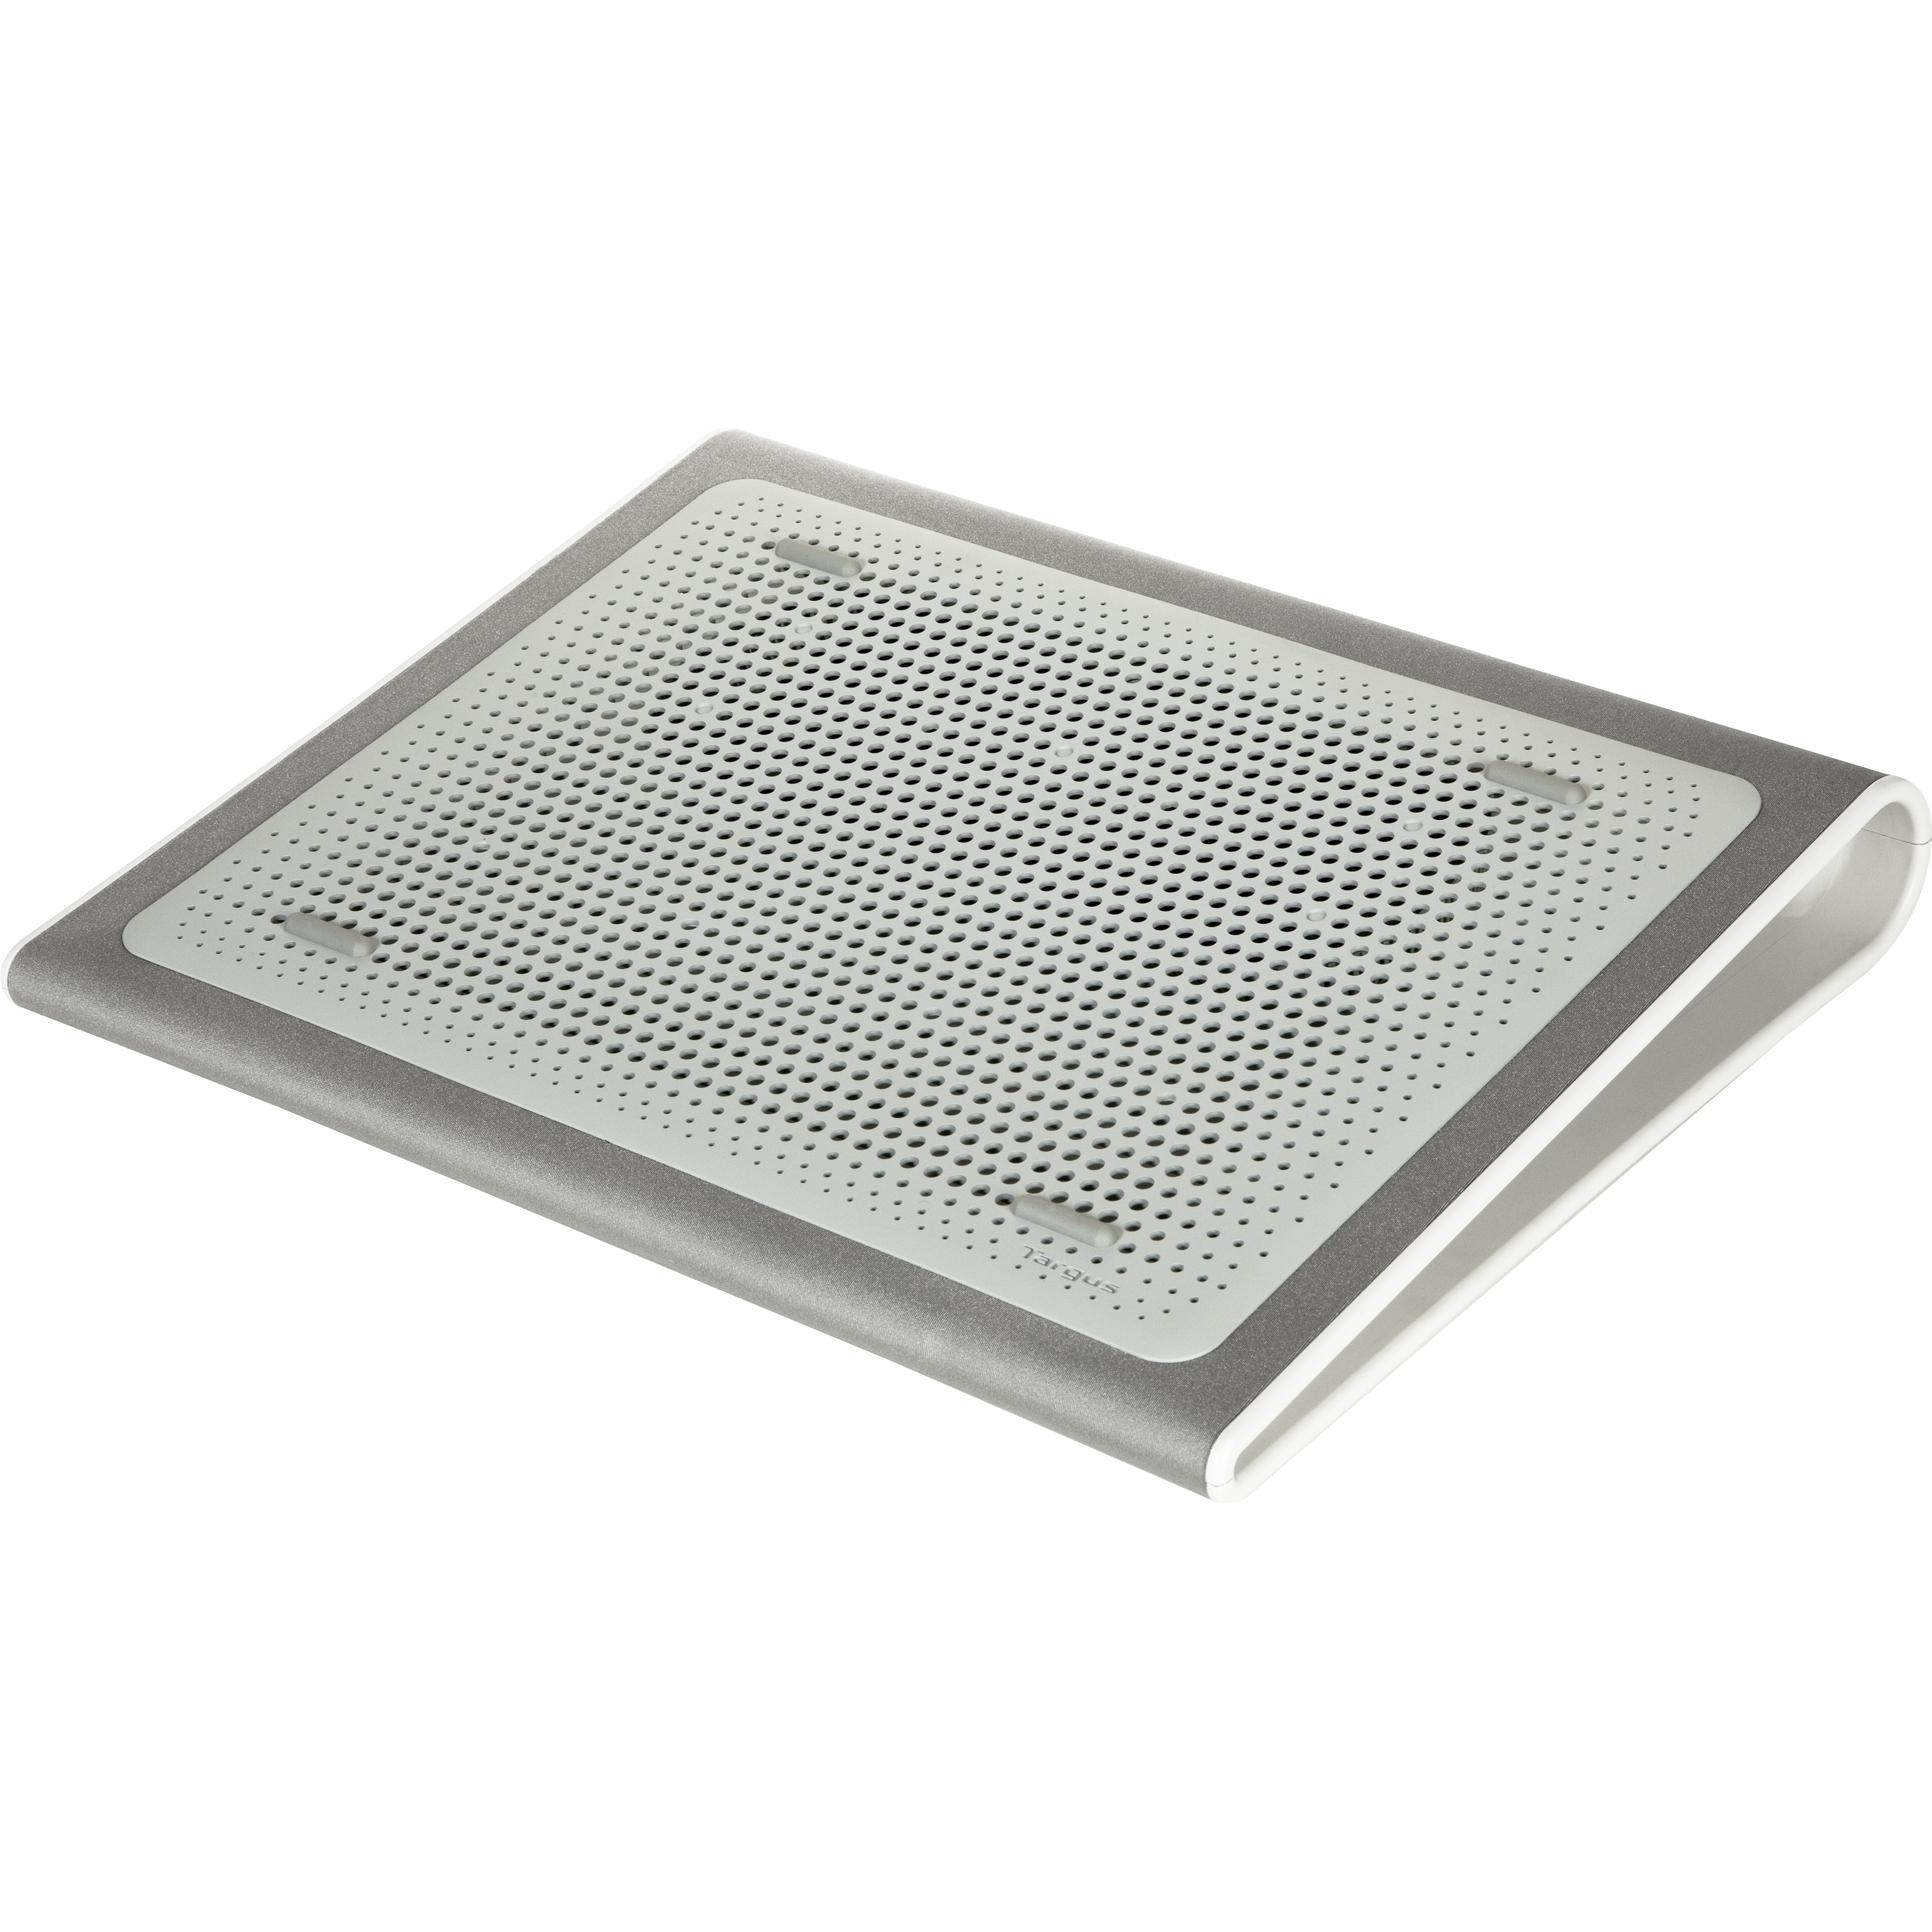 Lap Chill Mat Silver Awe5504us Cooling Targus